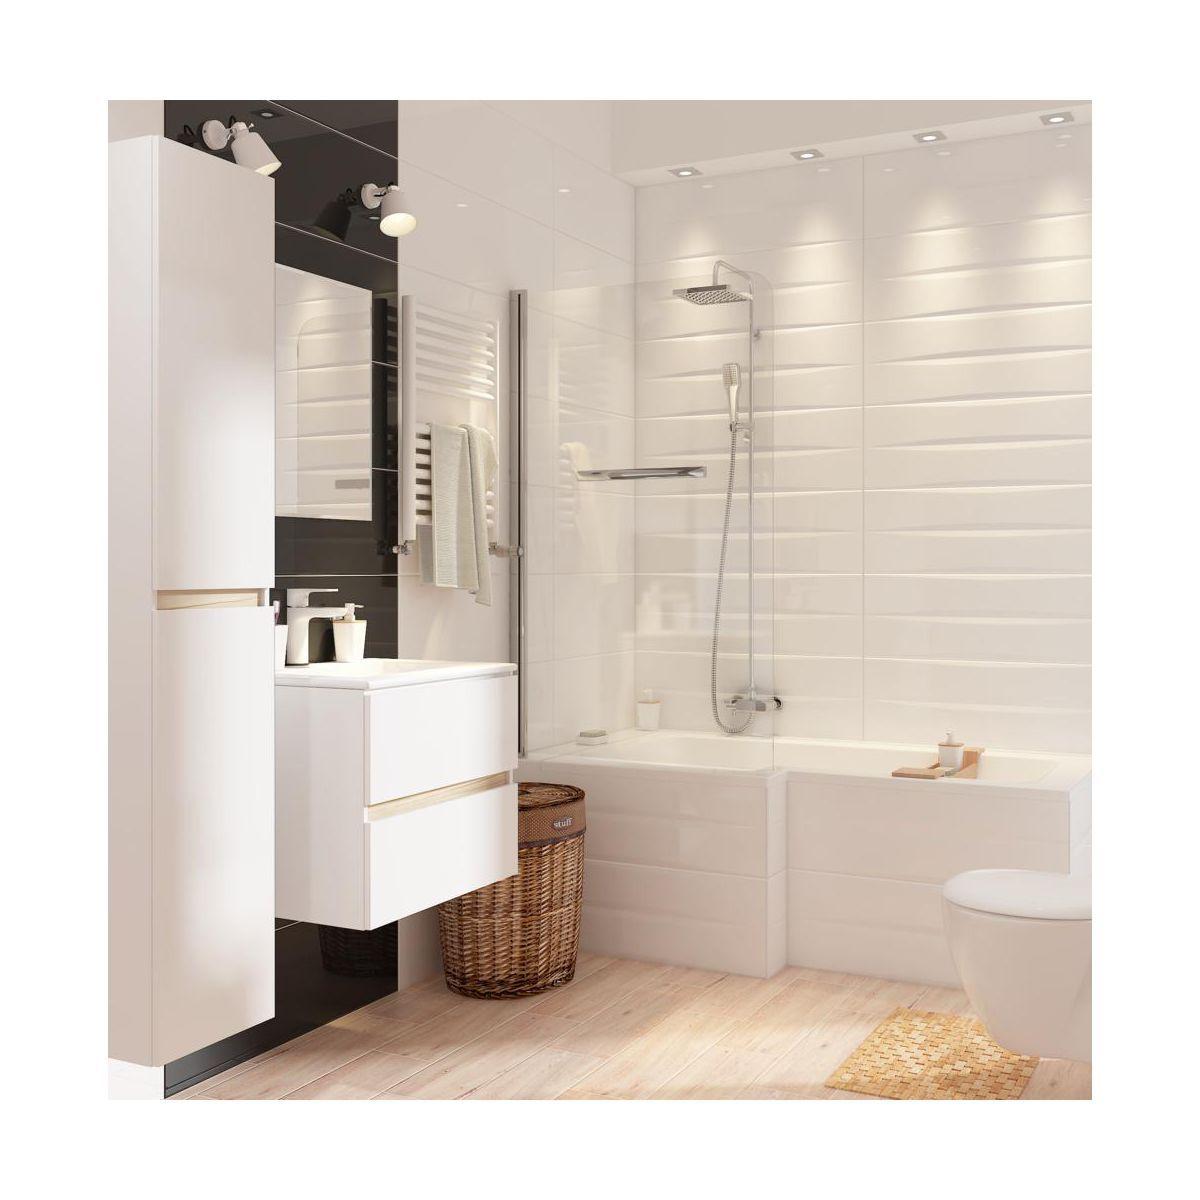 Wanna Tess 150 Cm Cm Cm X X Sensea 85 43 Sensea Bathtub Bathroom